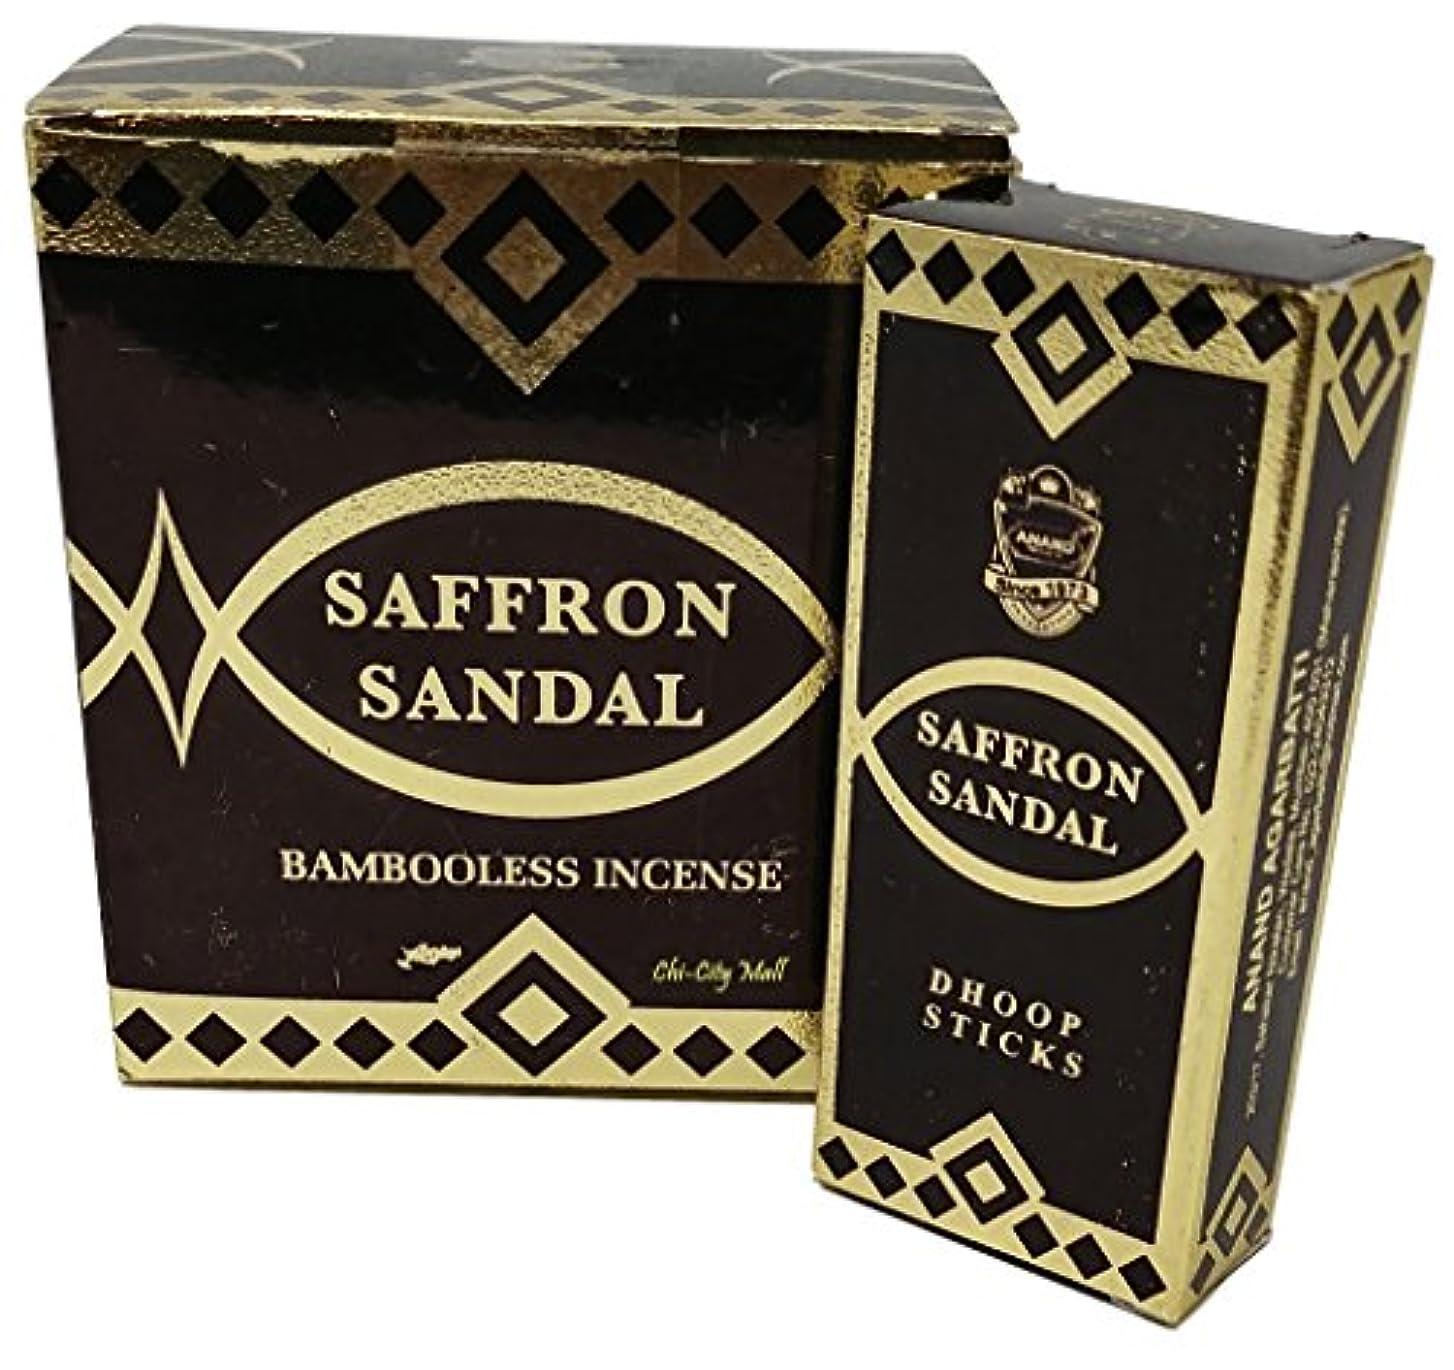 感情のヶ月目許可Chi-City Mall Saffron Sandal Bambooless Incense - Dhoop Sticks Anand Agarbatti Hand-rolled in India 15 Sticks...